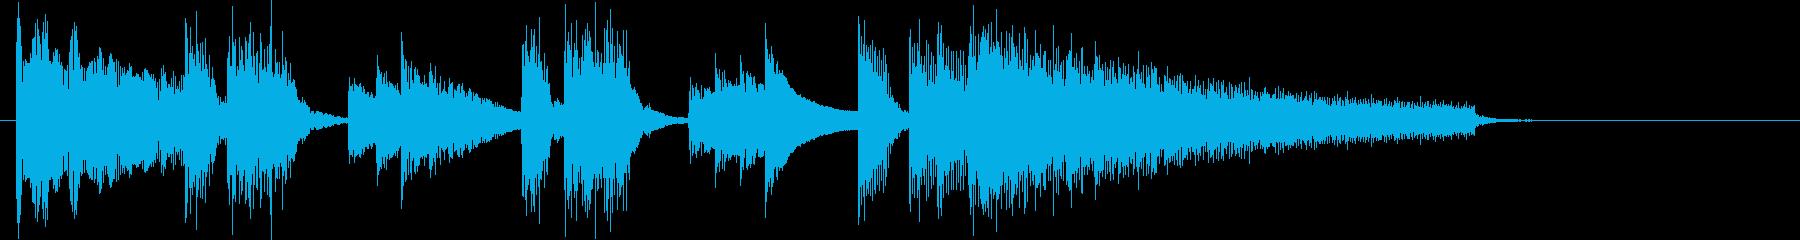 脱力系のシンセポップスの再生済みの波形